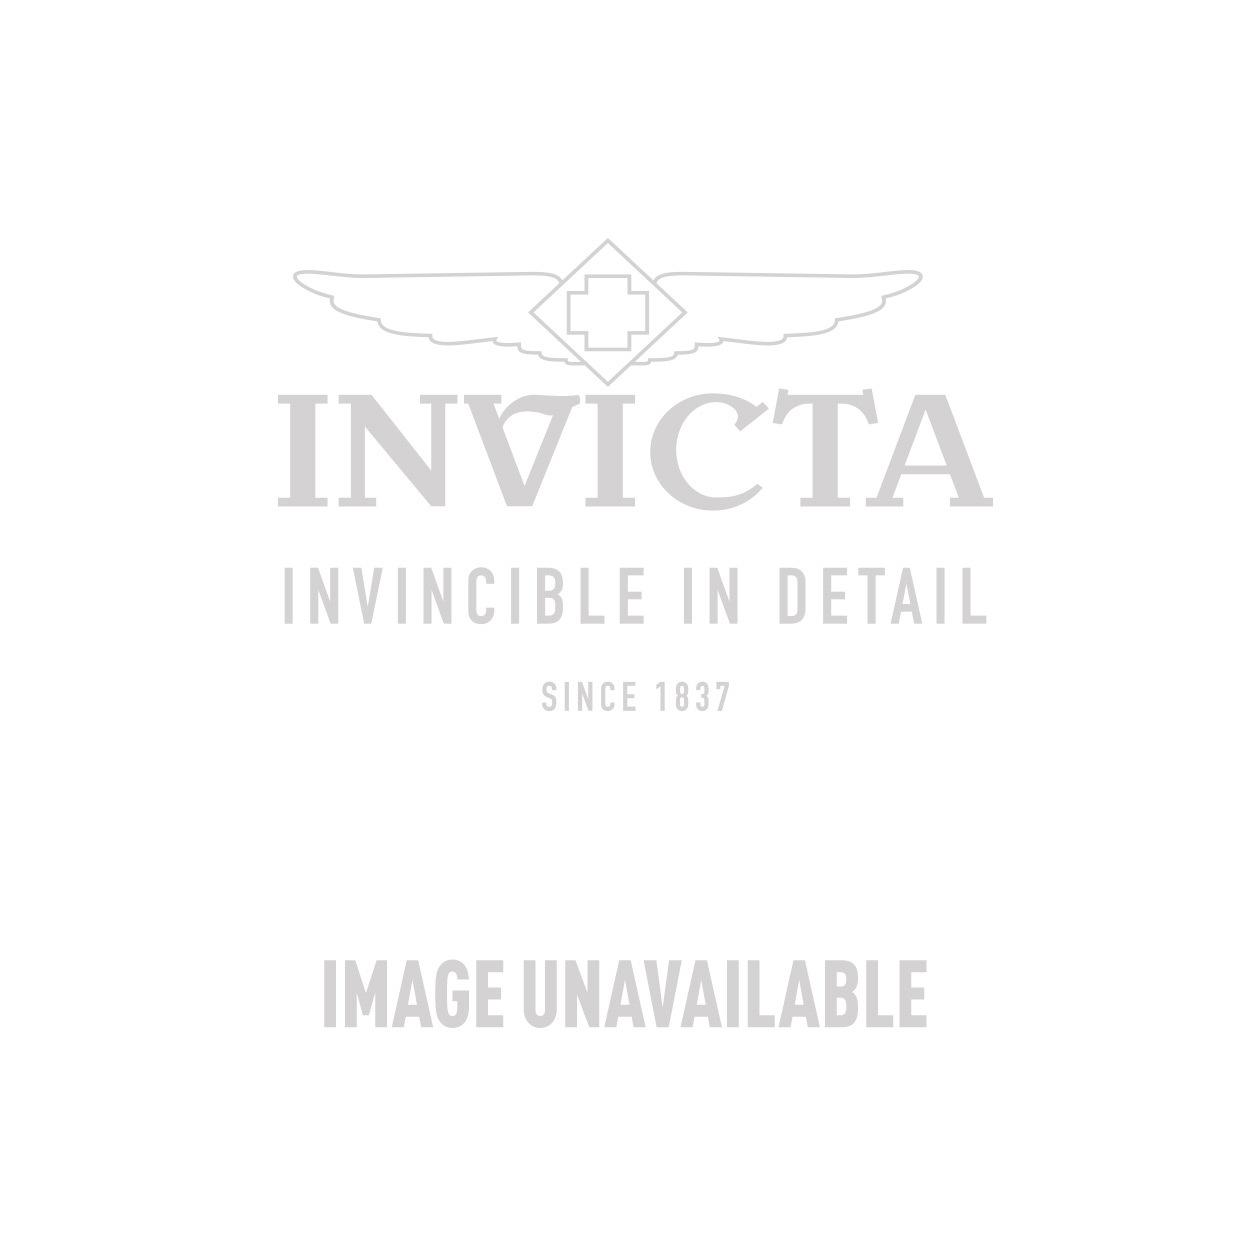 Invicta Model 25253